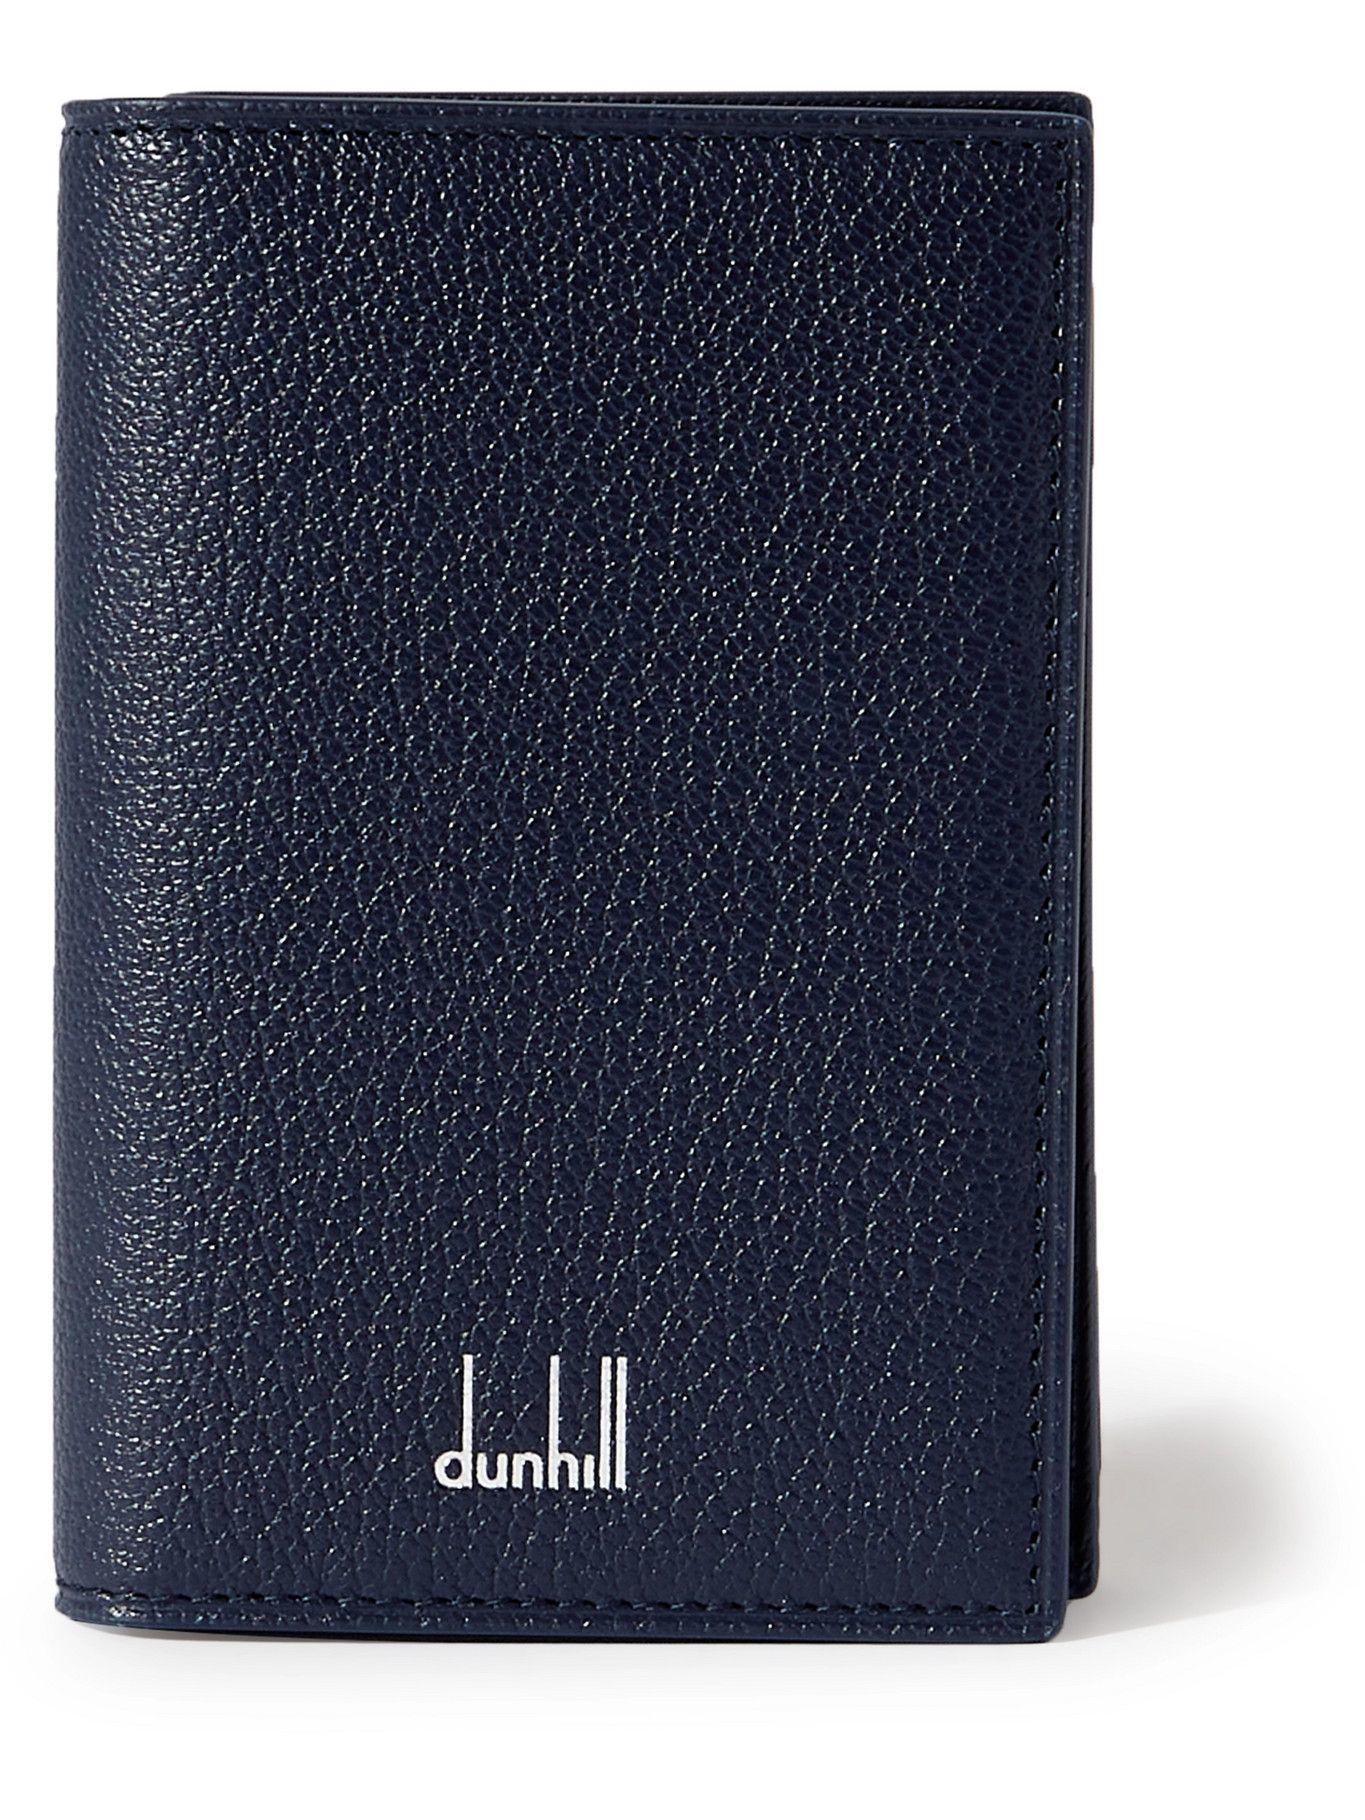 DUNHILL - Full-Grain Leather Bifold Cardholder